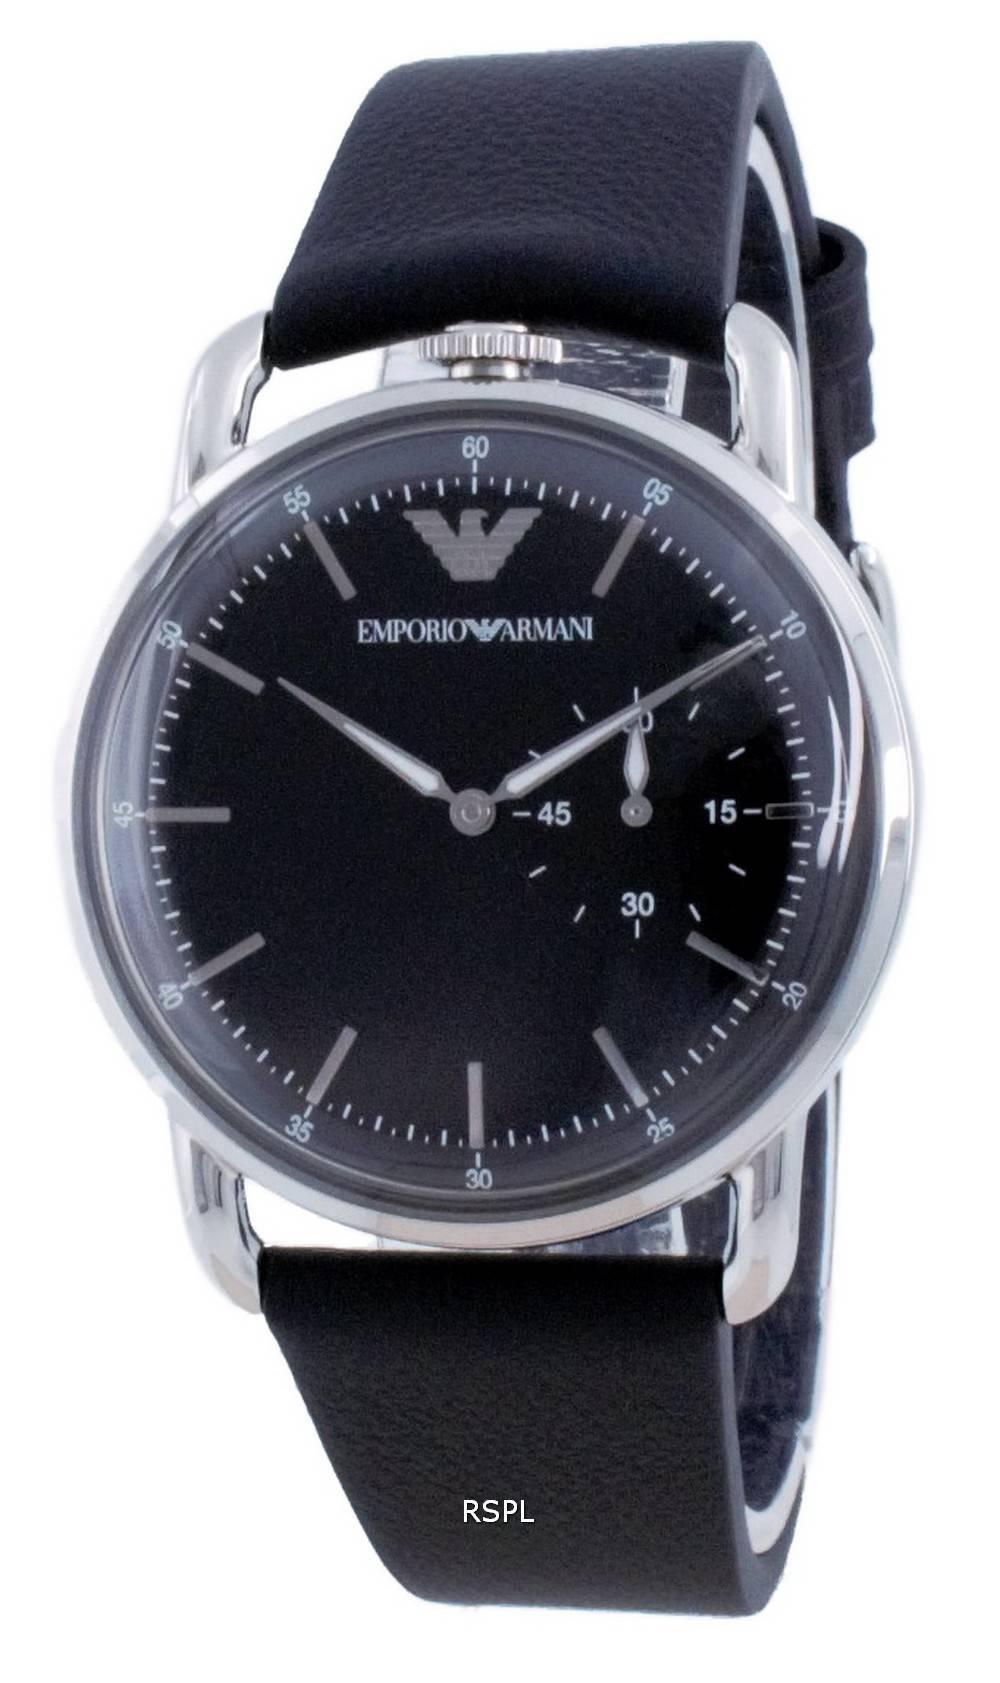 Emporio Armani musta kellonahkainen kvartsi AR11336 miesten kello